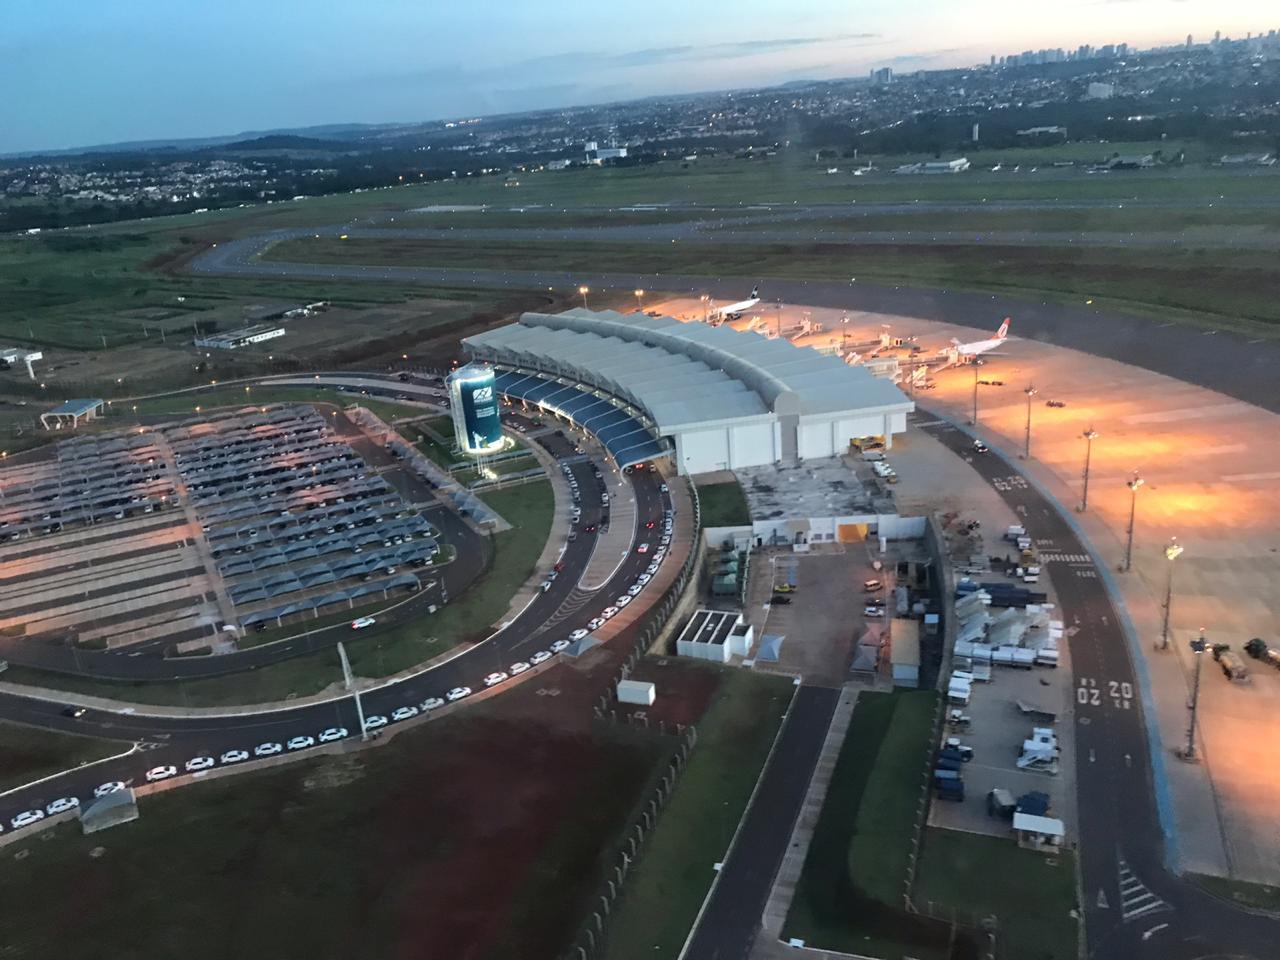 Aeroporto de Goiânia é autorizado receber voos internacionais